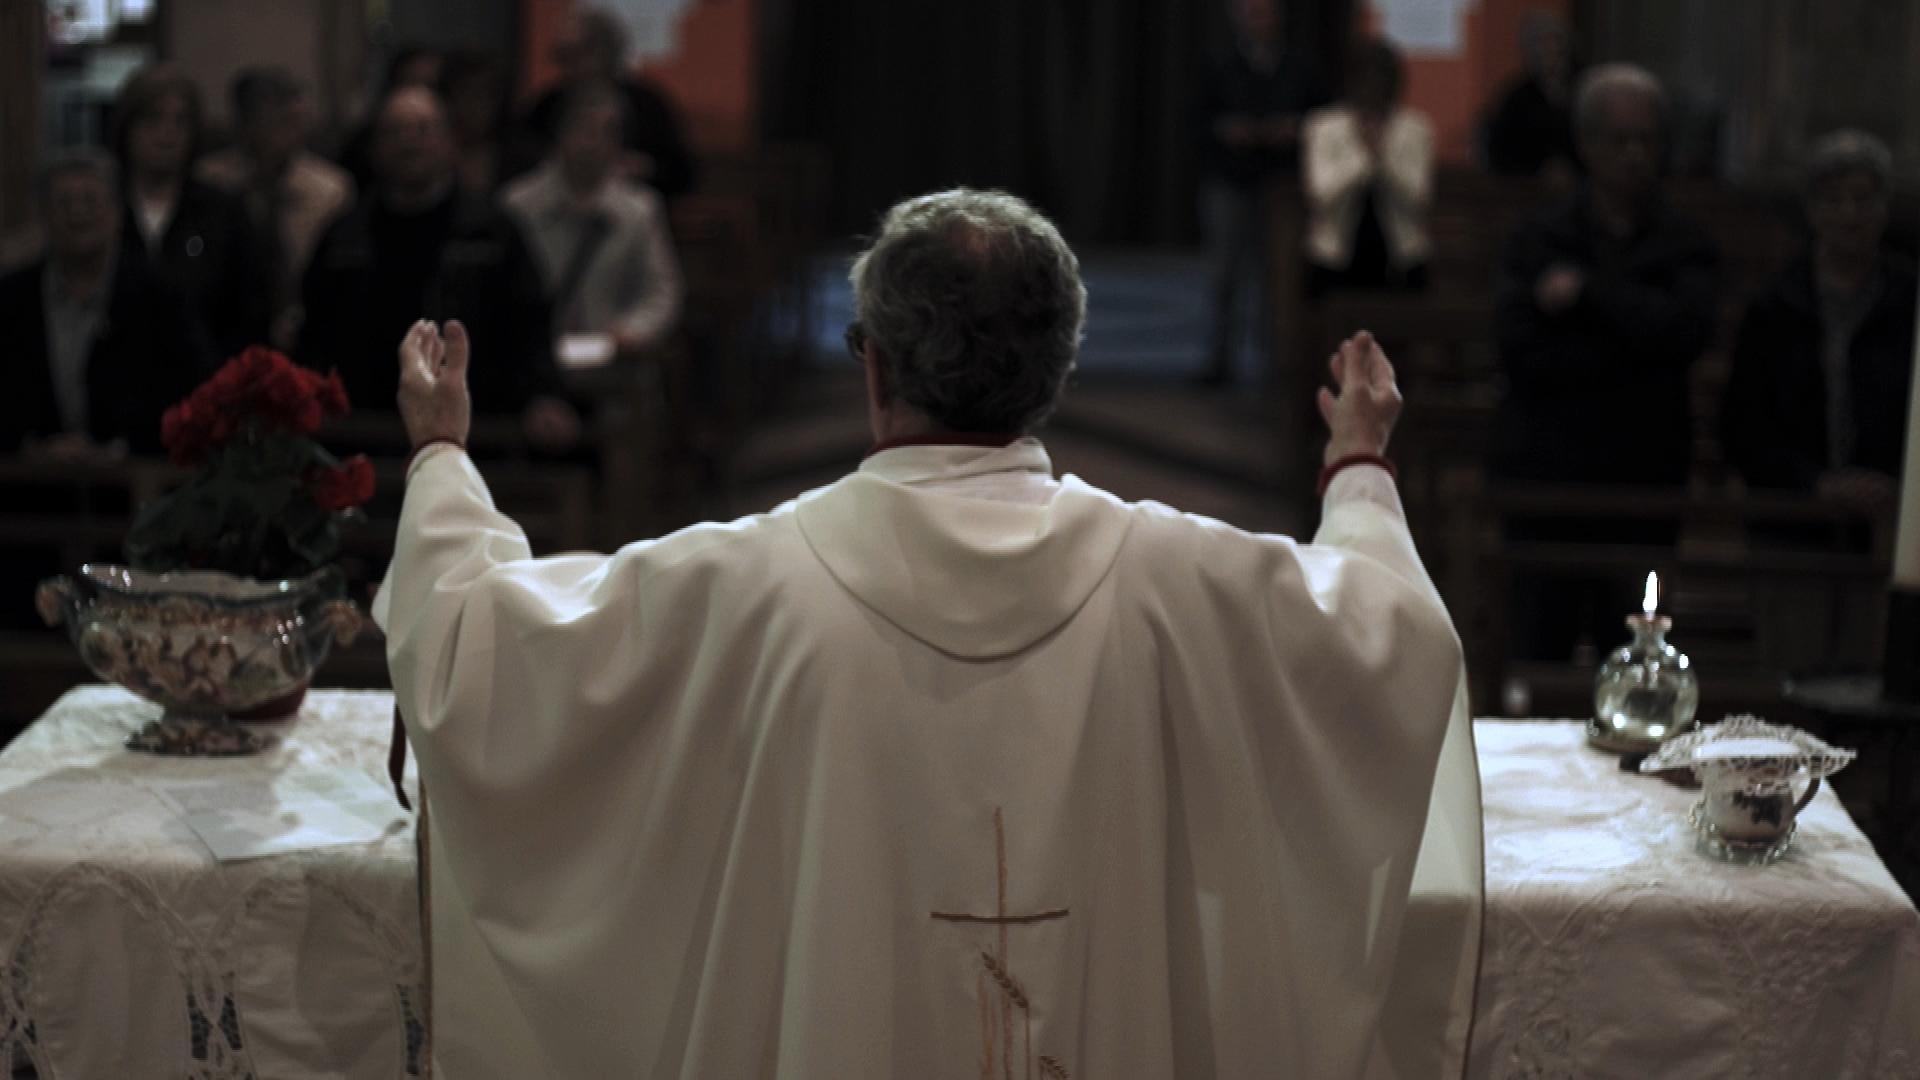 La preda. Silenzio in nome di Dio: una scena del documentario